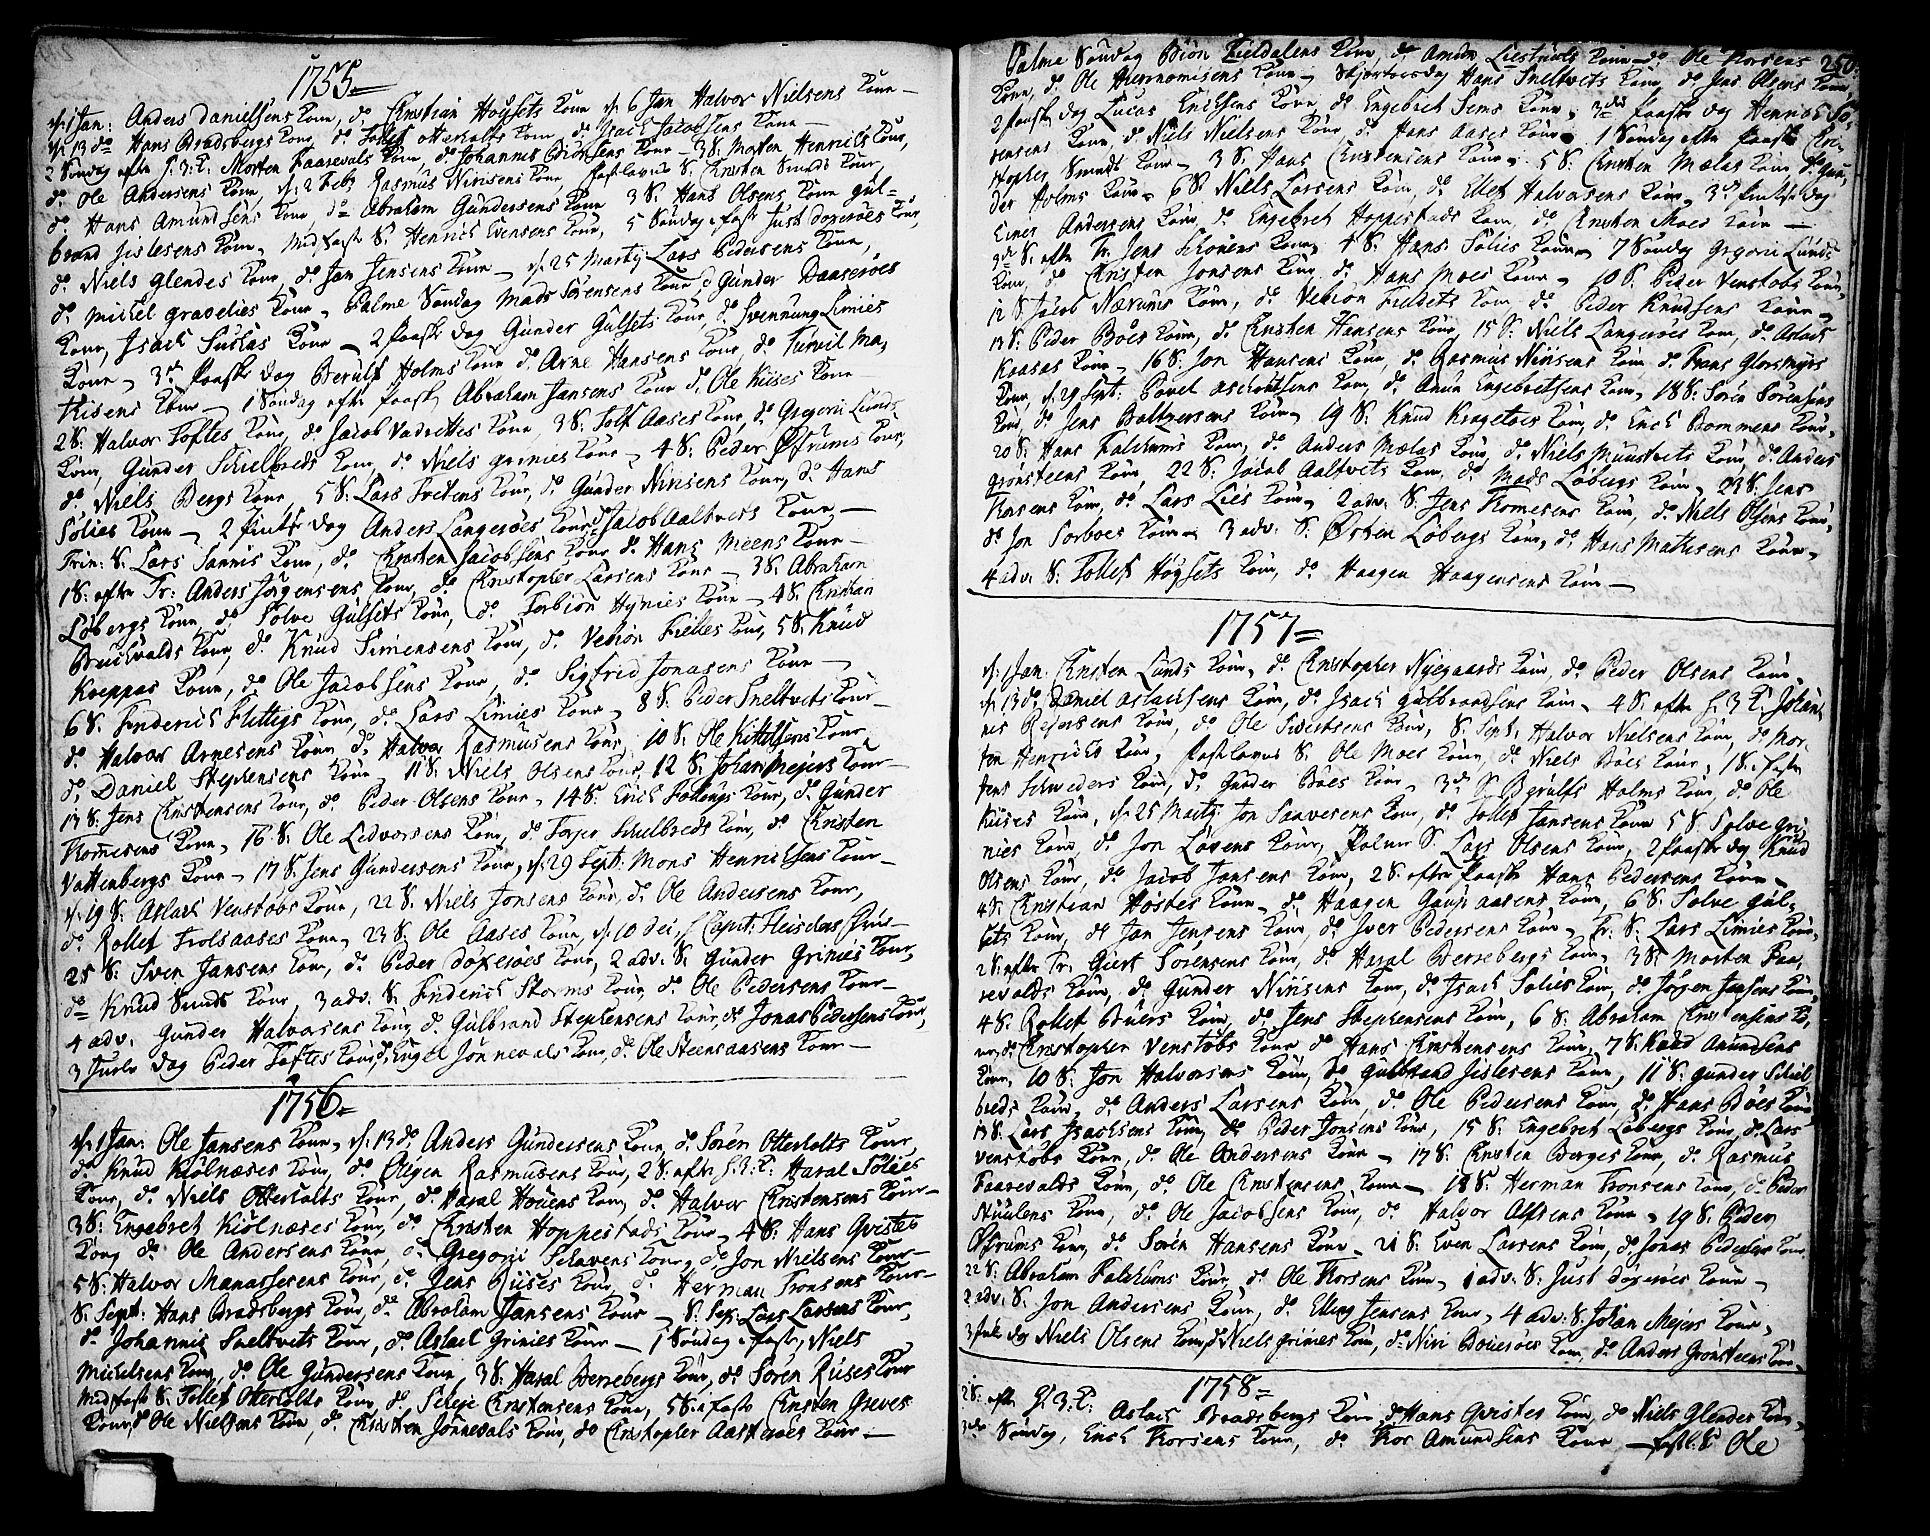 SAKO, Gjerpen kirkebøker, F/Fa/L0002: Ministerialbok nr. 2, 1747-1795, s. 250